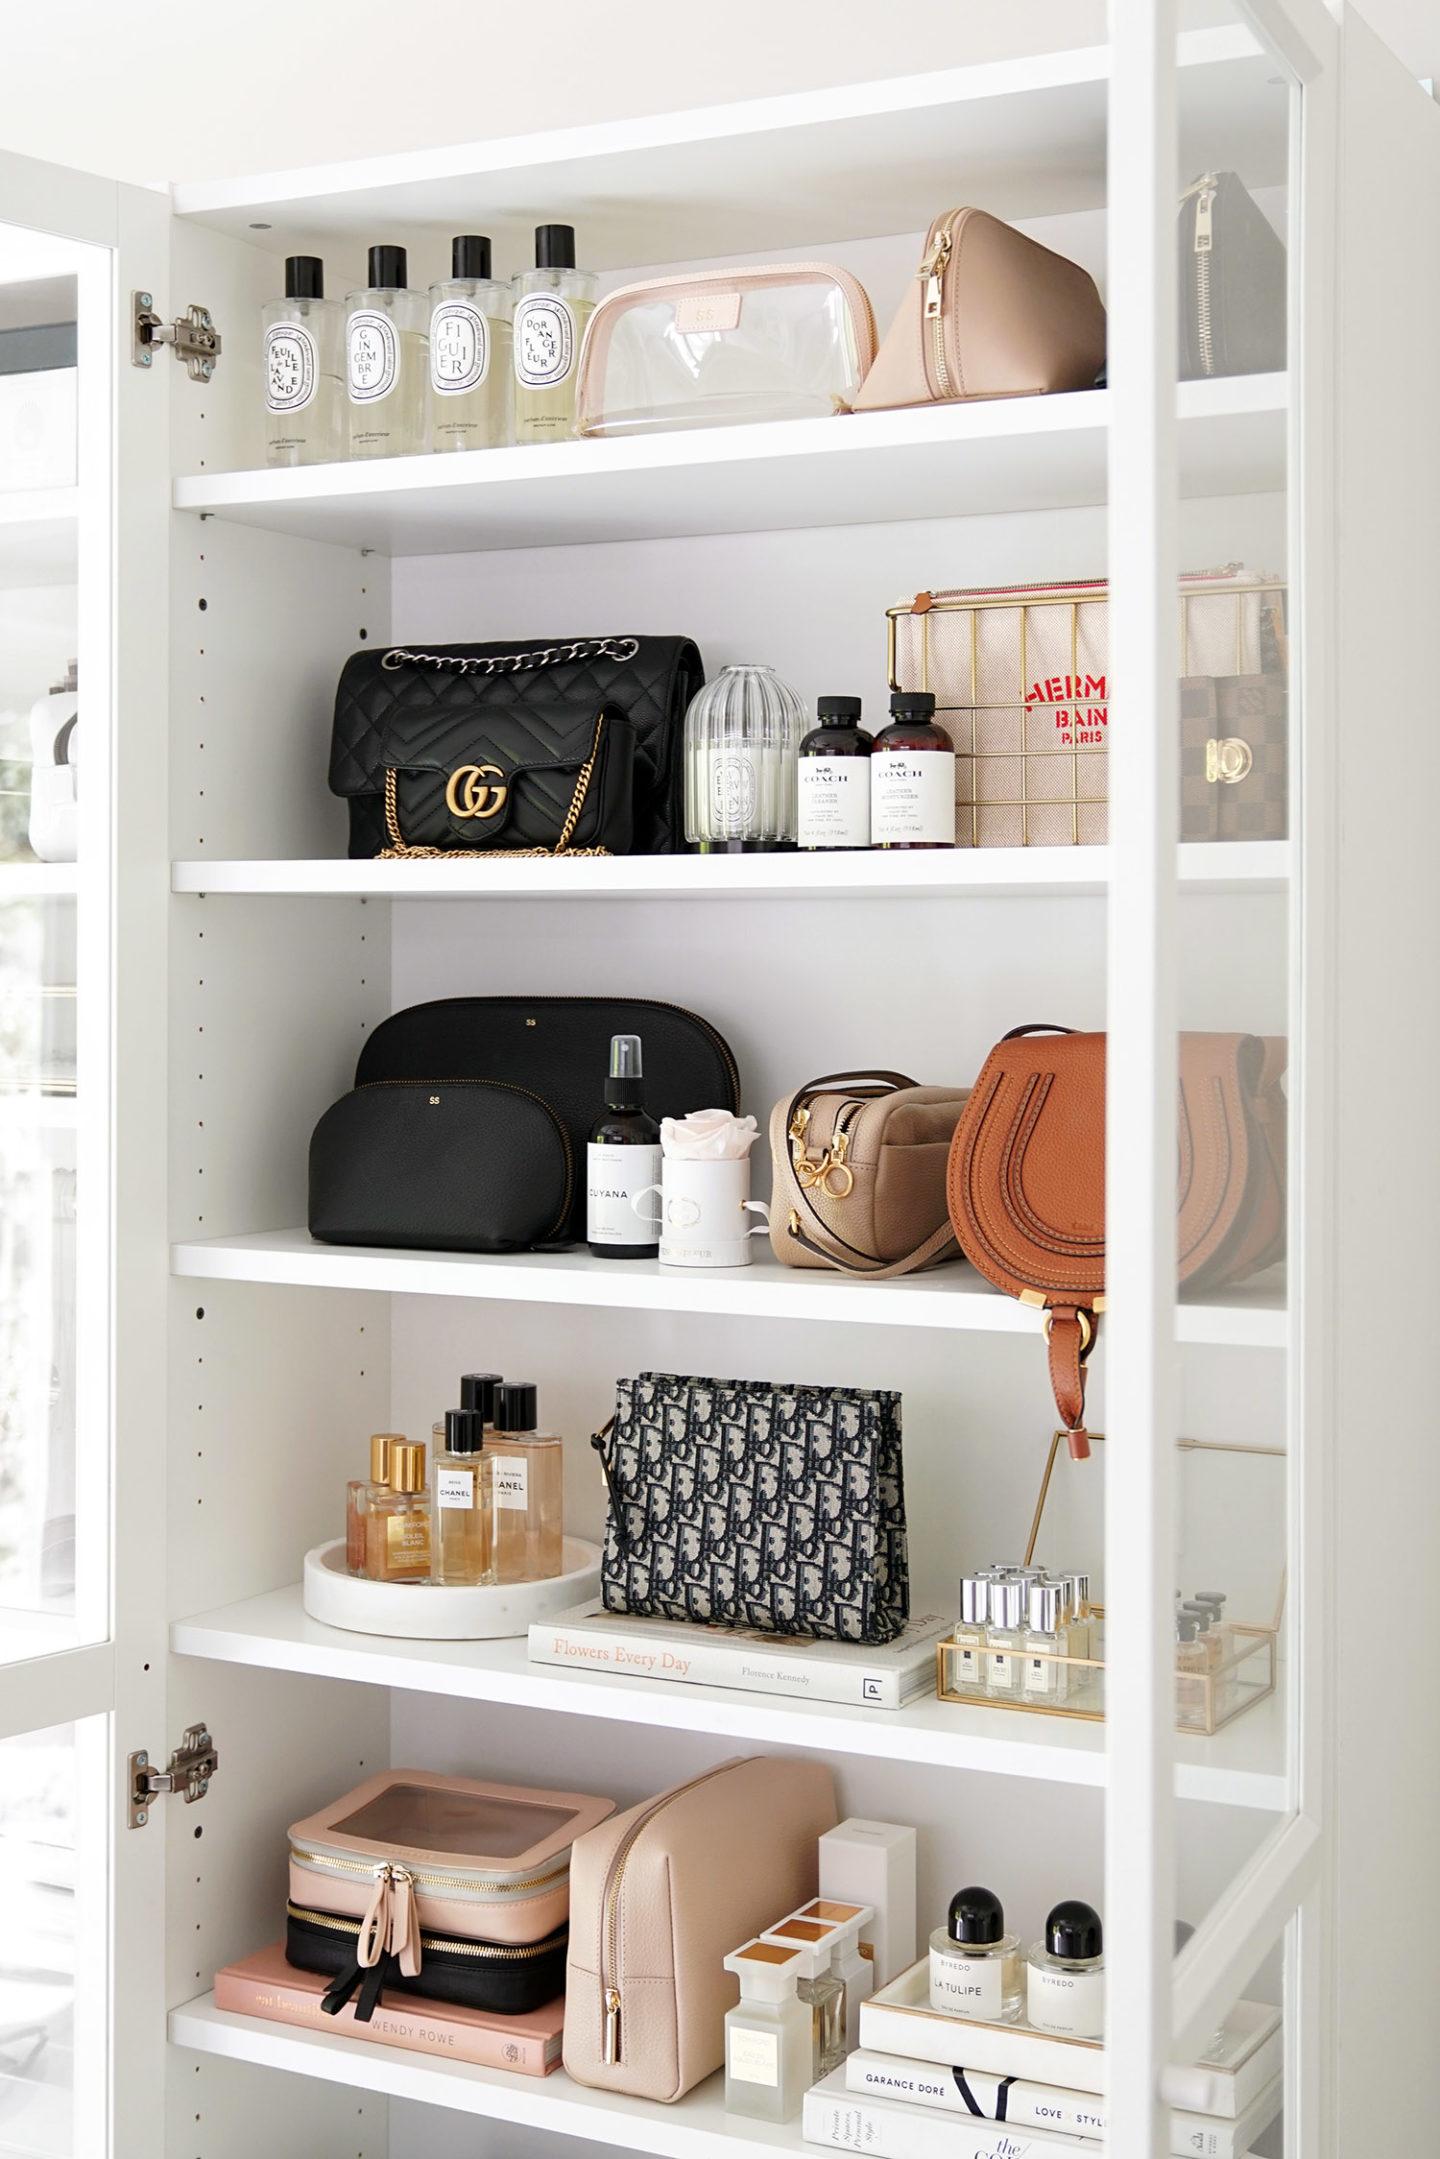 Meilleurs trousses de maquillage, bibliothèque Ikea Billy, édition quotidienne, Cuyana |  Le Look Book Beauté